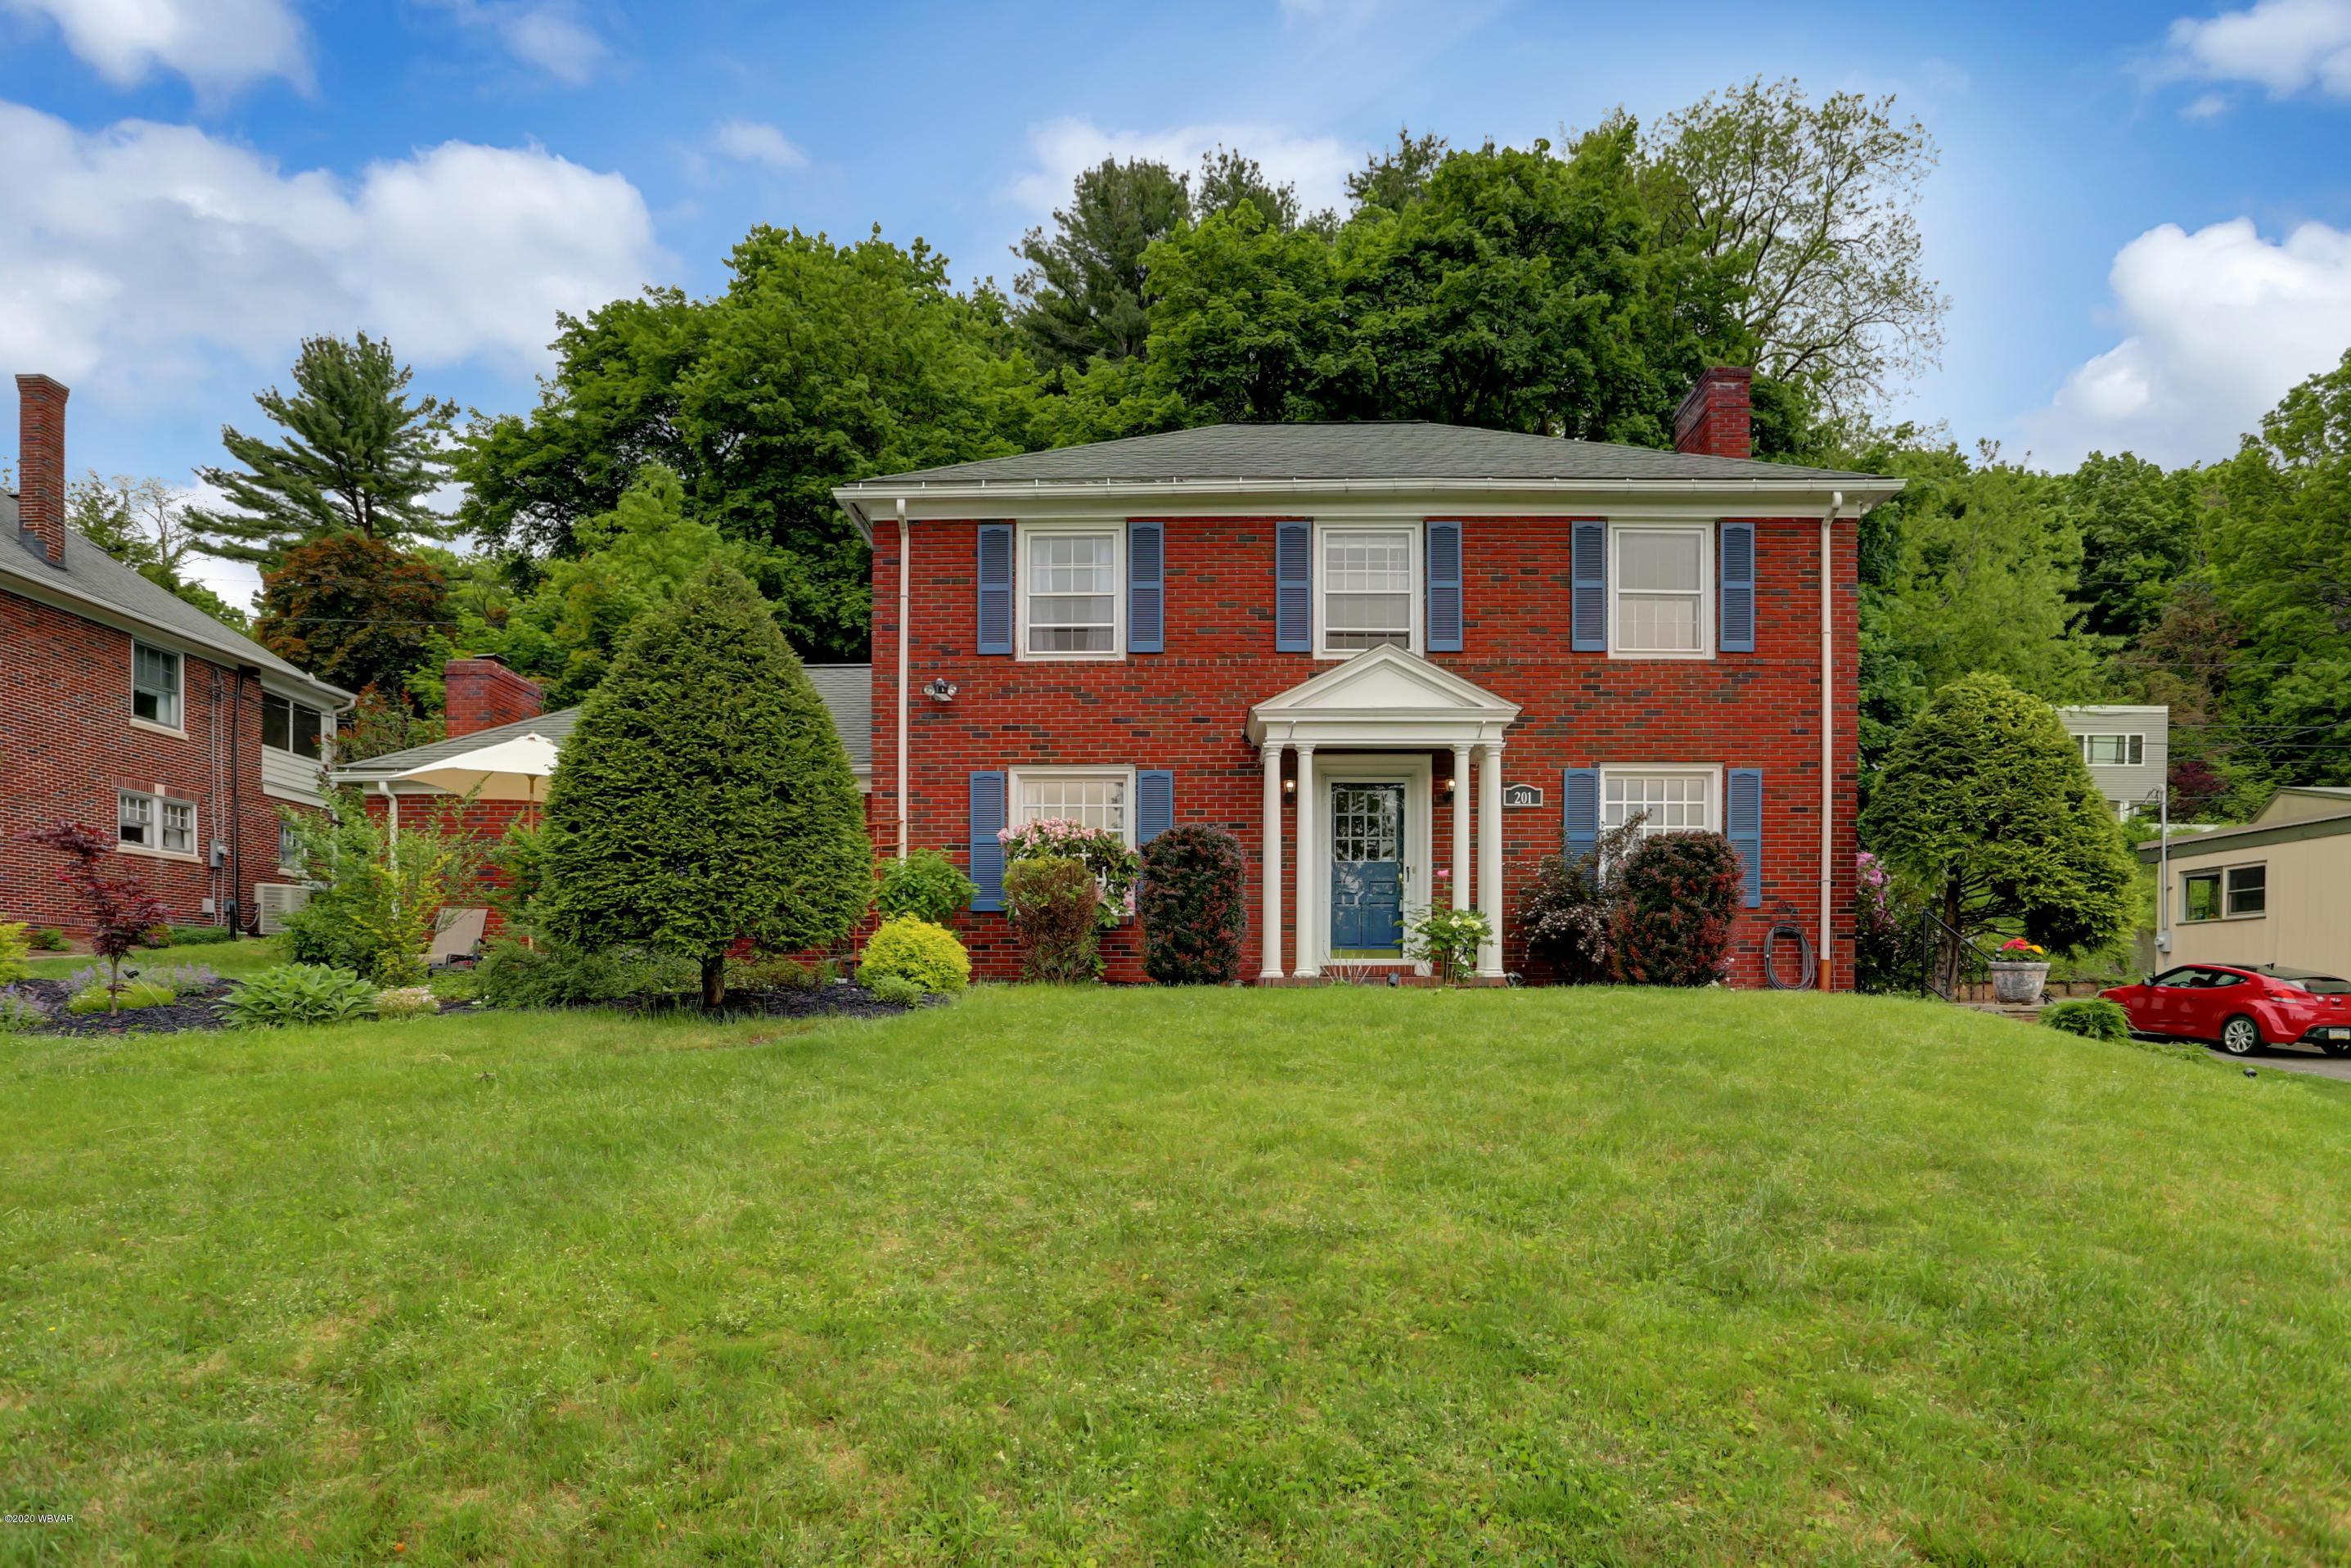 201 GRAMPIAN BOULEVARD,Williamsport,PA 17701,3 Bedrooms Bedrooms,3 BathroomsBathrooms,Residential,GRAMPIAN,WB-90181